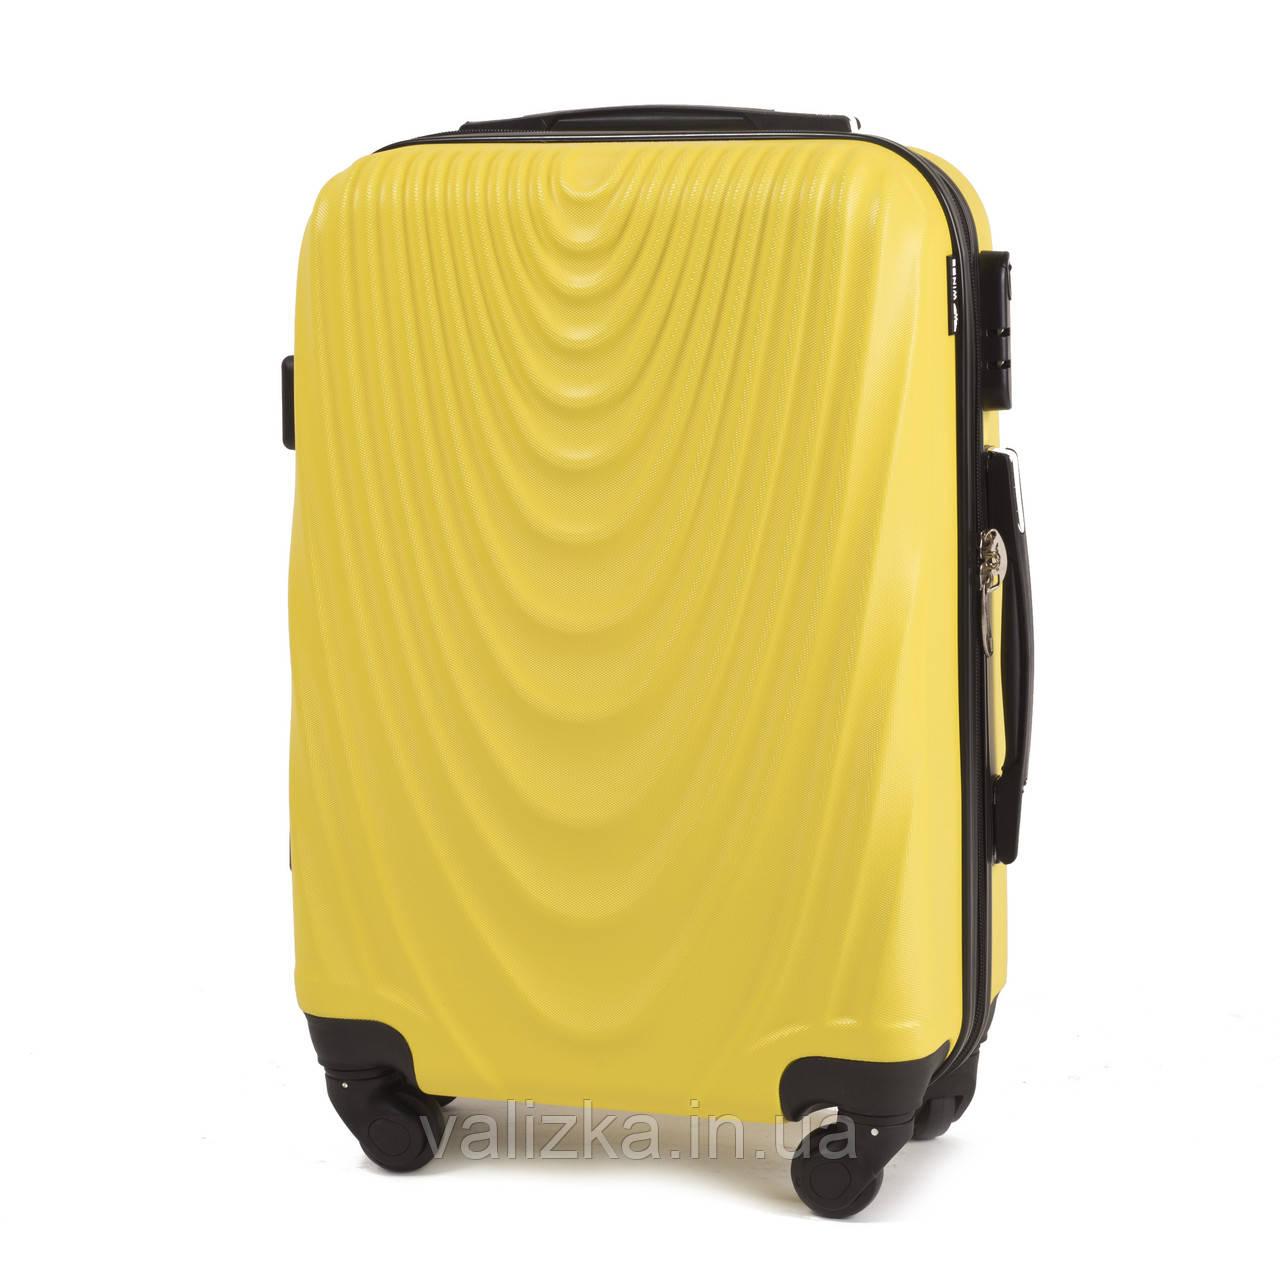 Чемодан из поликарбоната малый Wings 304 желтый на 4-х колесах